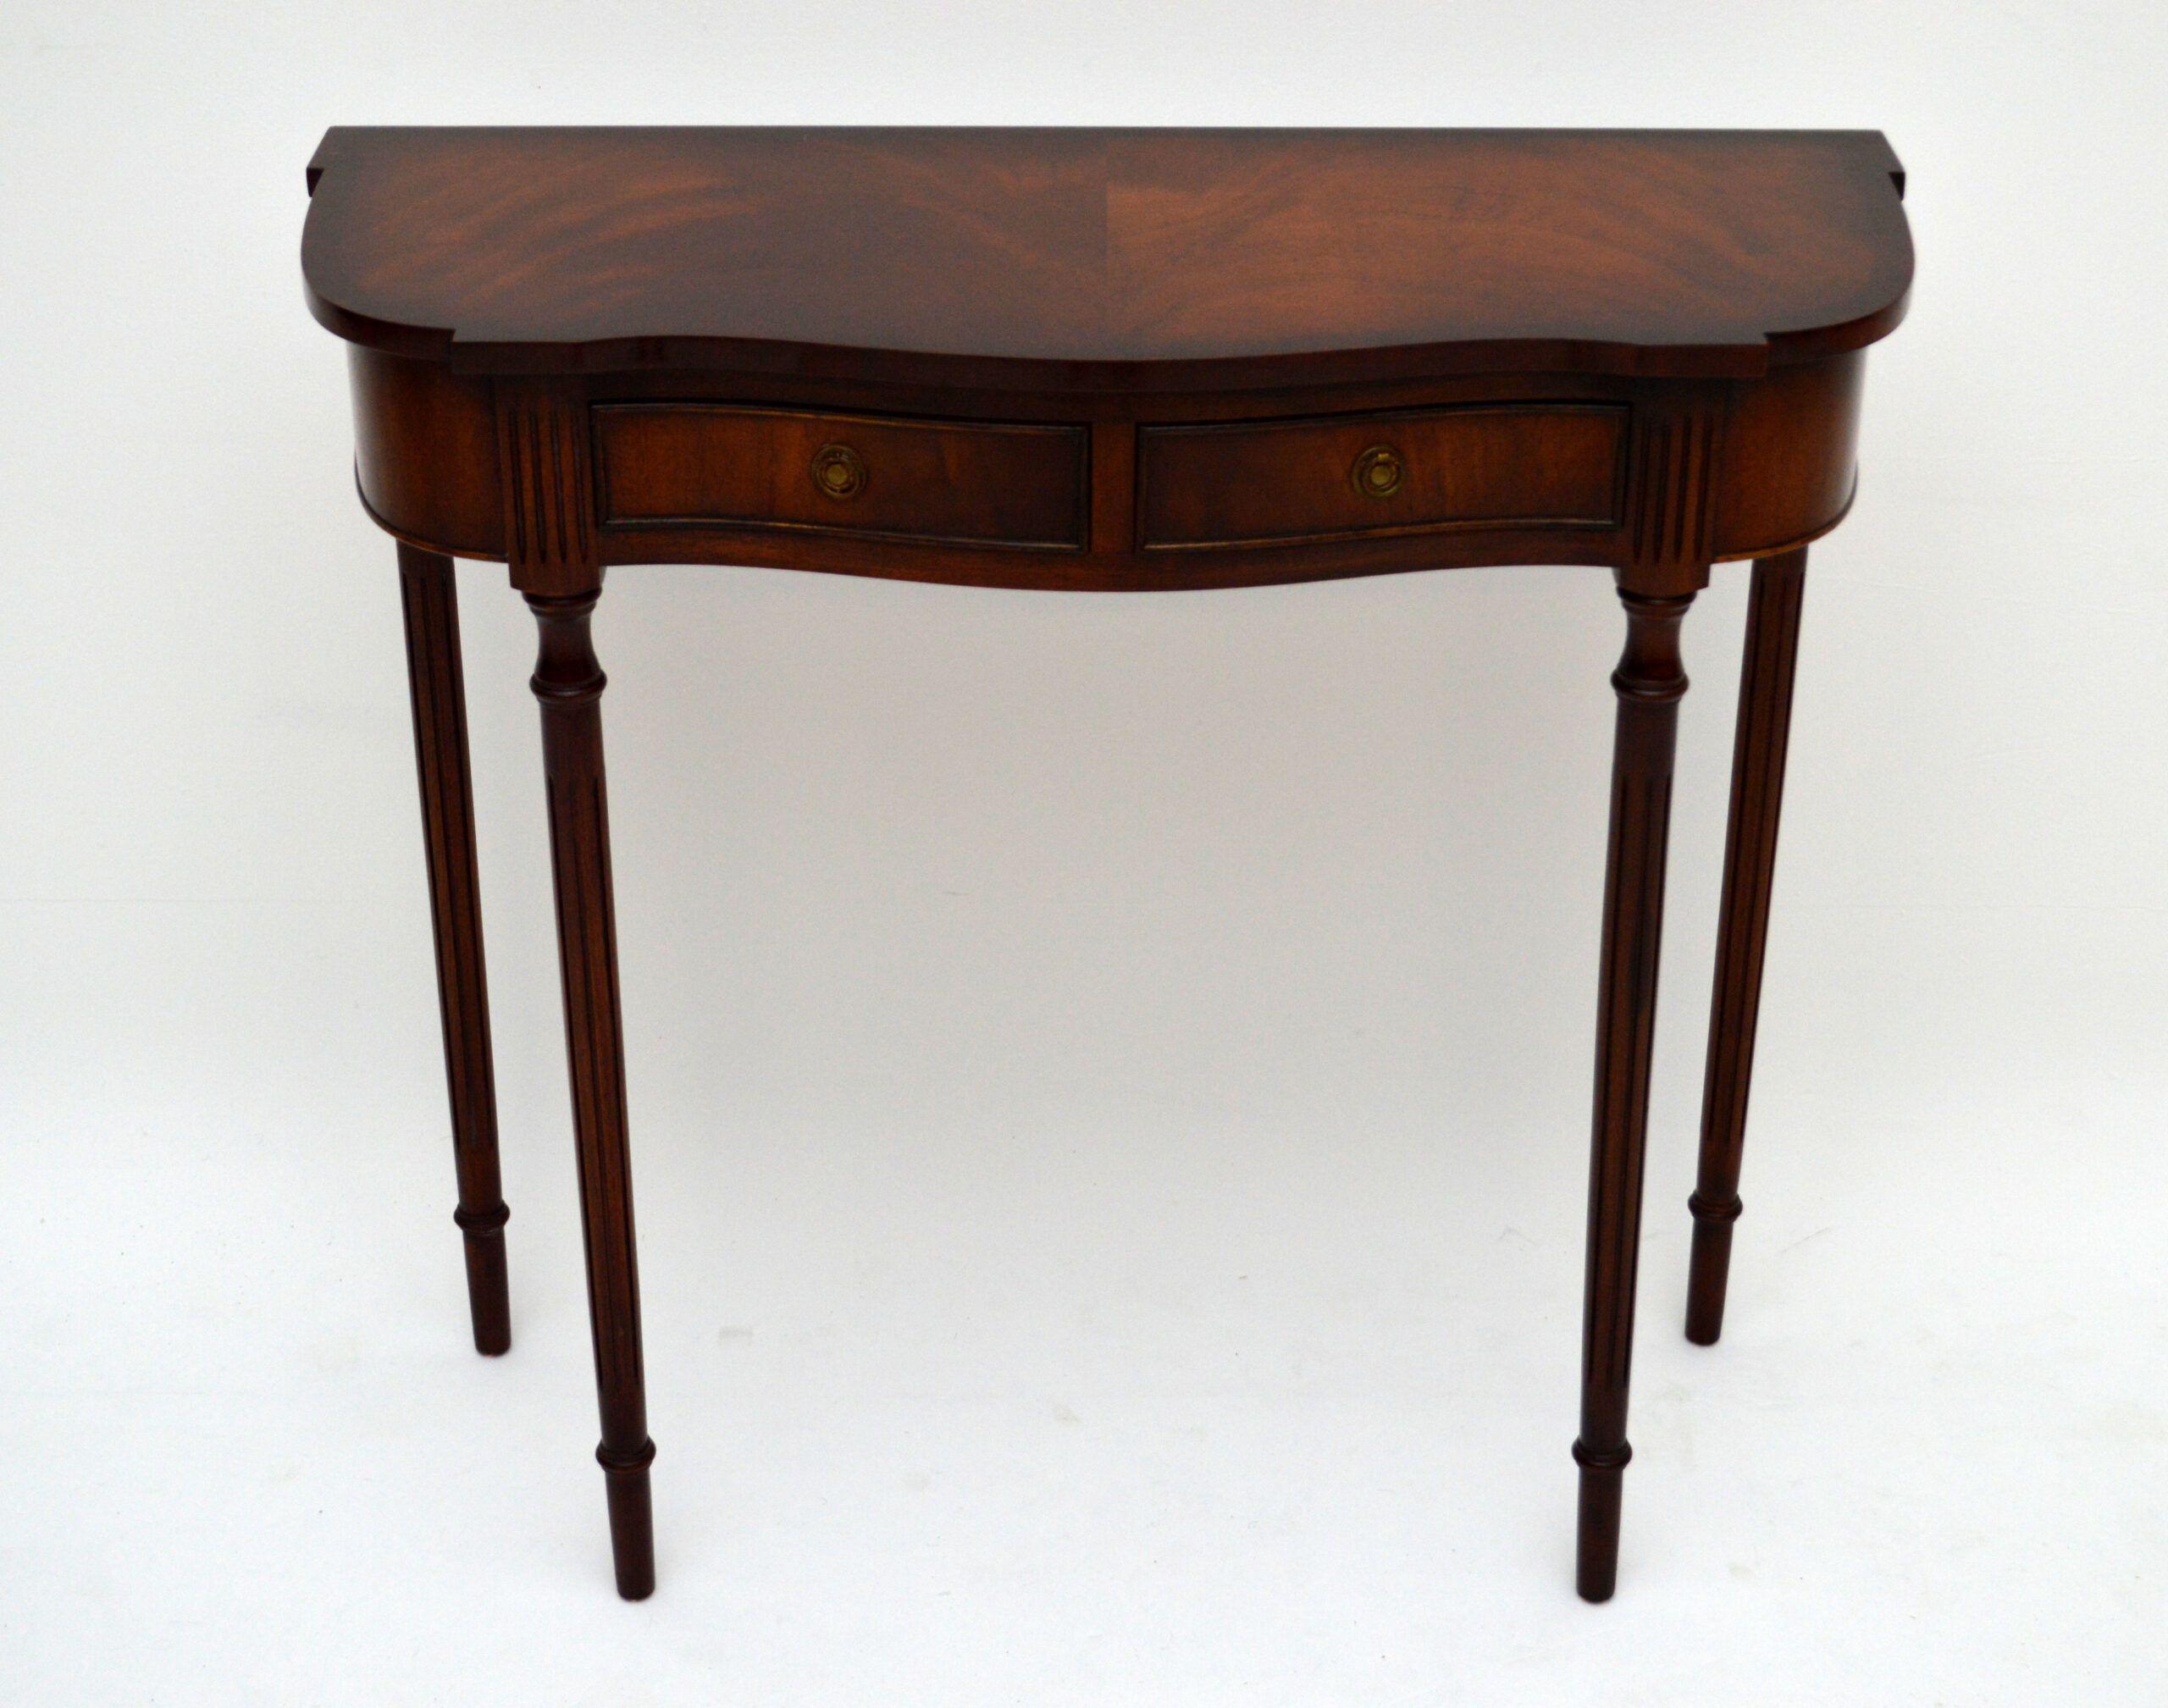 Dekor Tisch Gebraucht Kaufen Ebay Tisch Gebraucht Kaufen Ebay